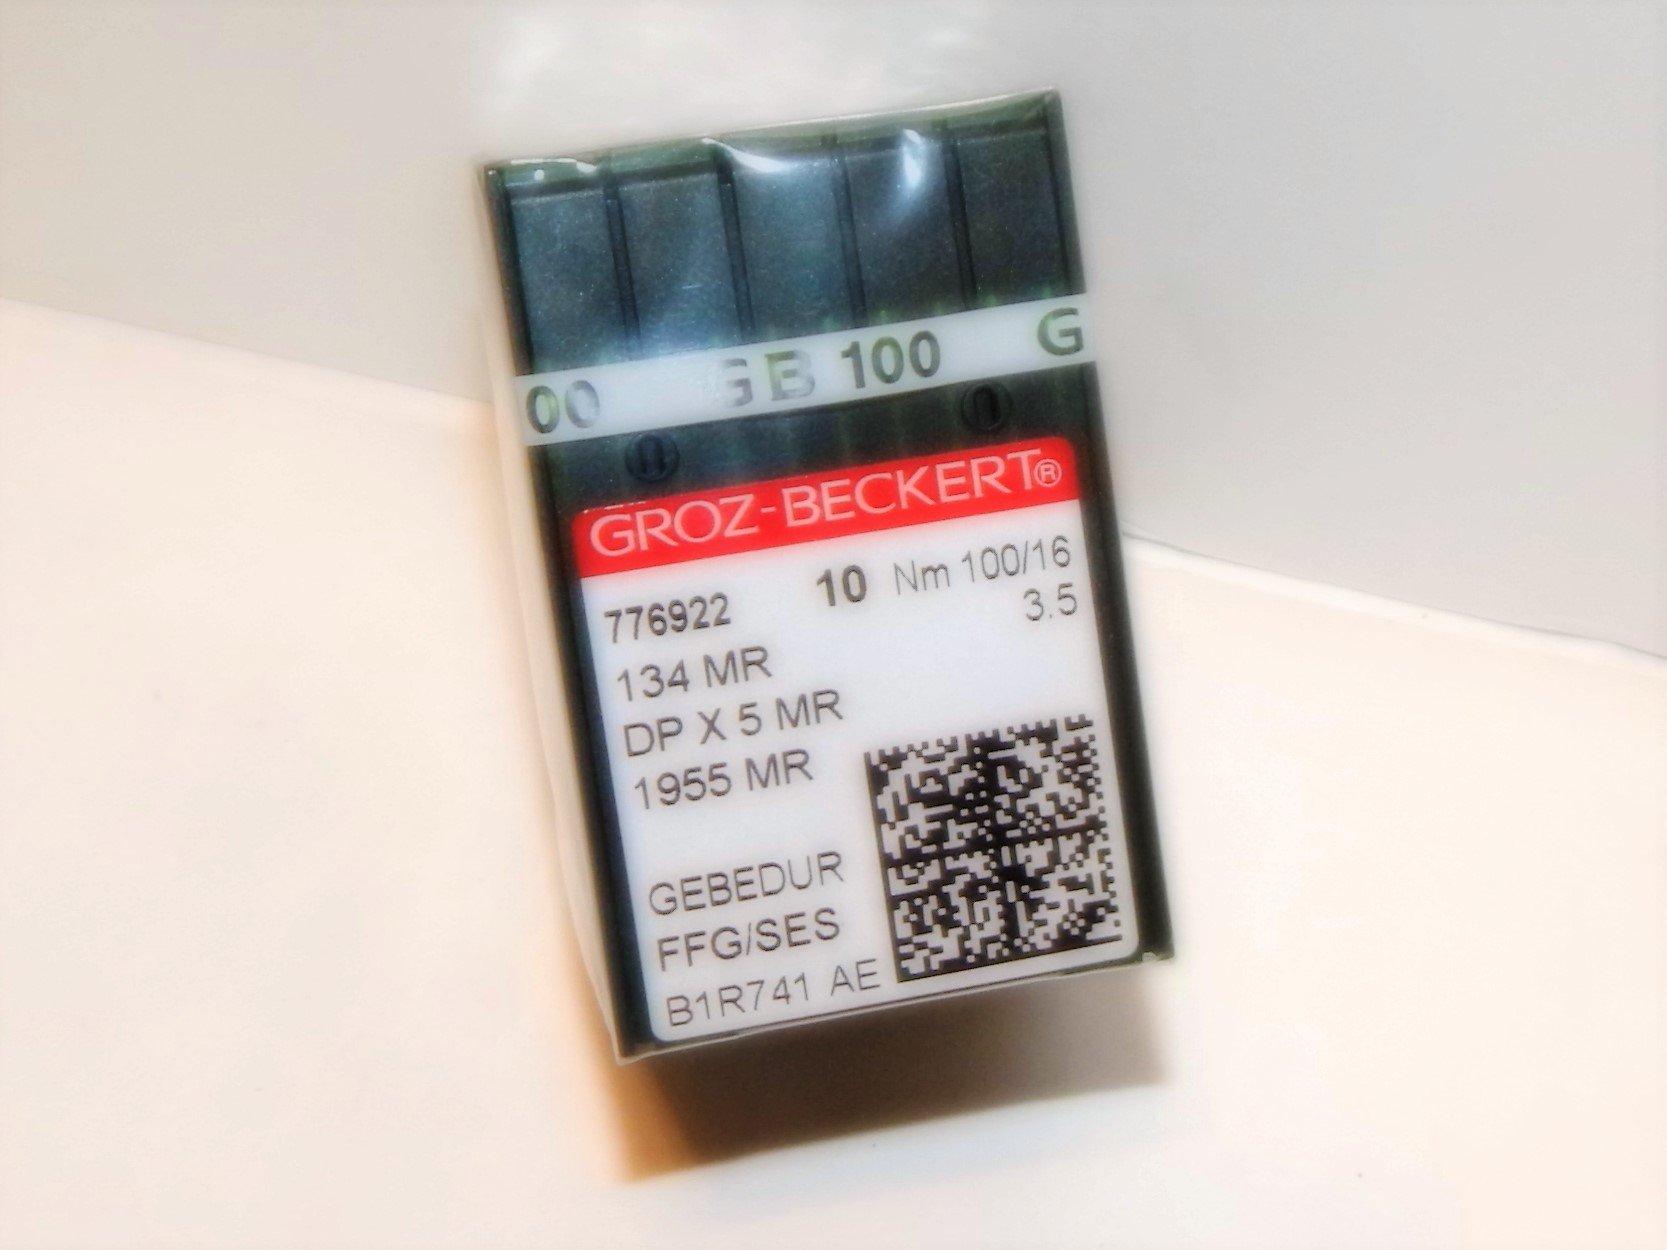 100 GROZ-BECKERT GEBEDUR 134 MR / 135X5 MR Titanium Quilting Machine Needles (MR4.5 (120/19)) by Groz-Beckert